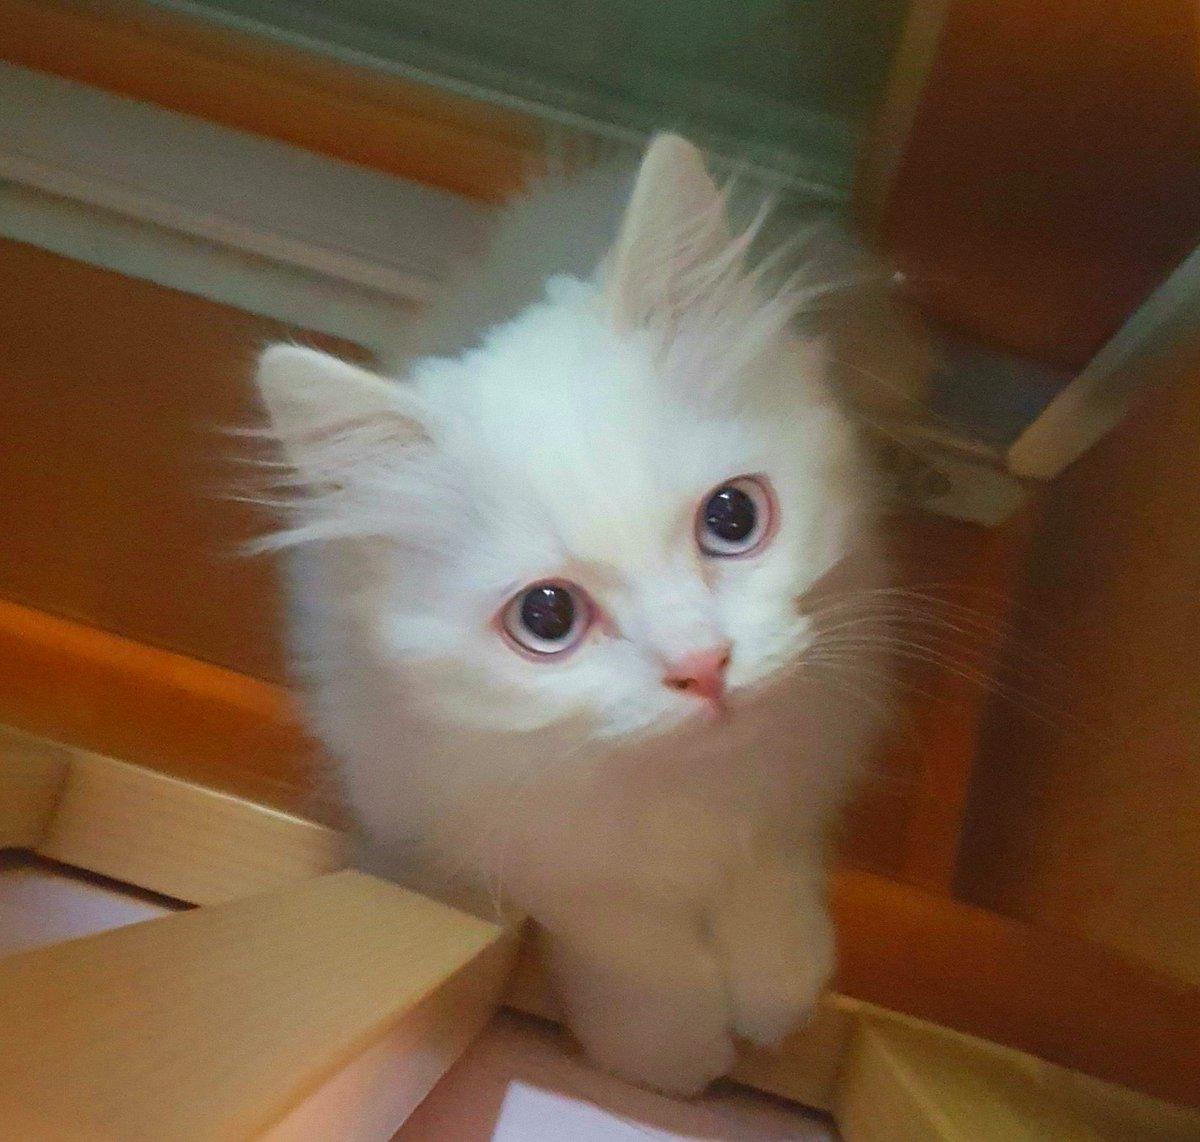 #오타쿠_이미지의_편견을_깨부숴보자  더러운거보지말구 저희집 귀여운 고양이 봐주세용